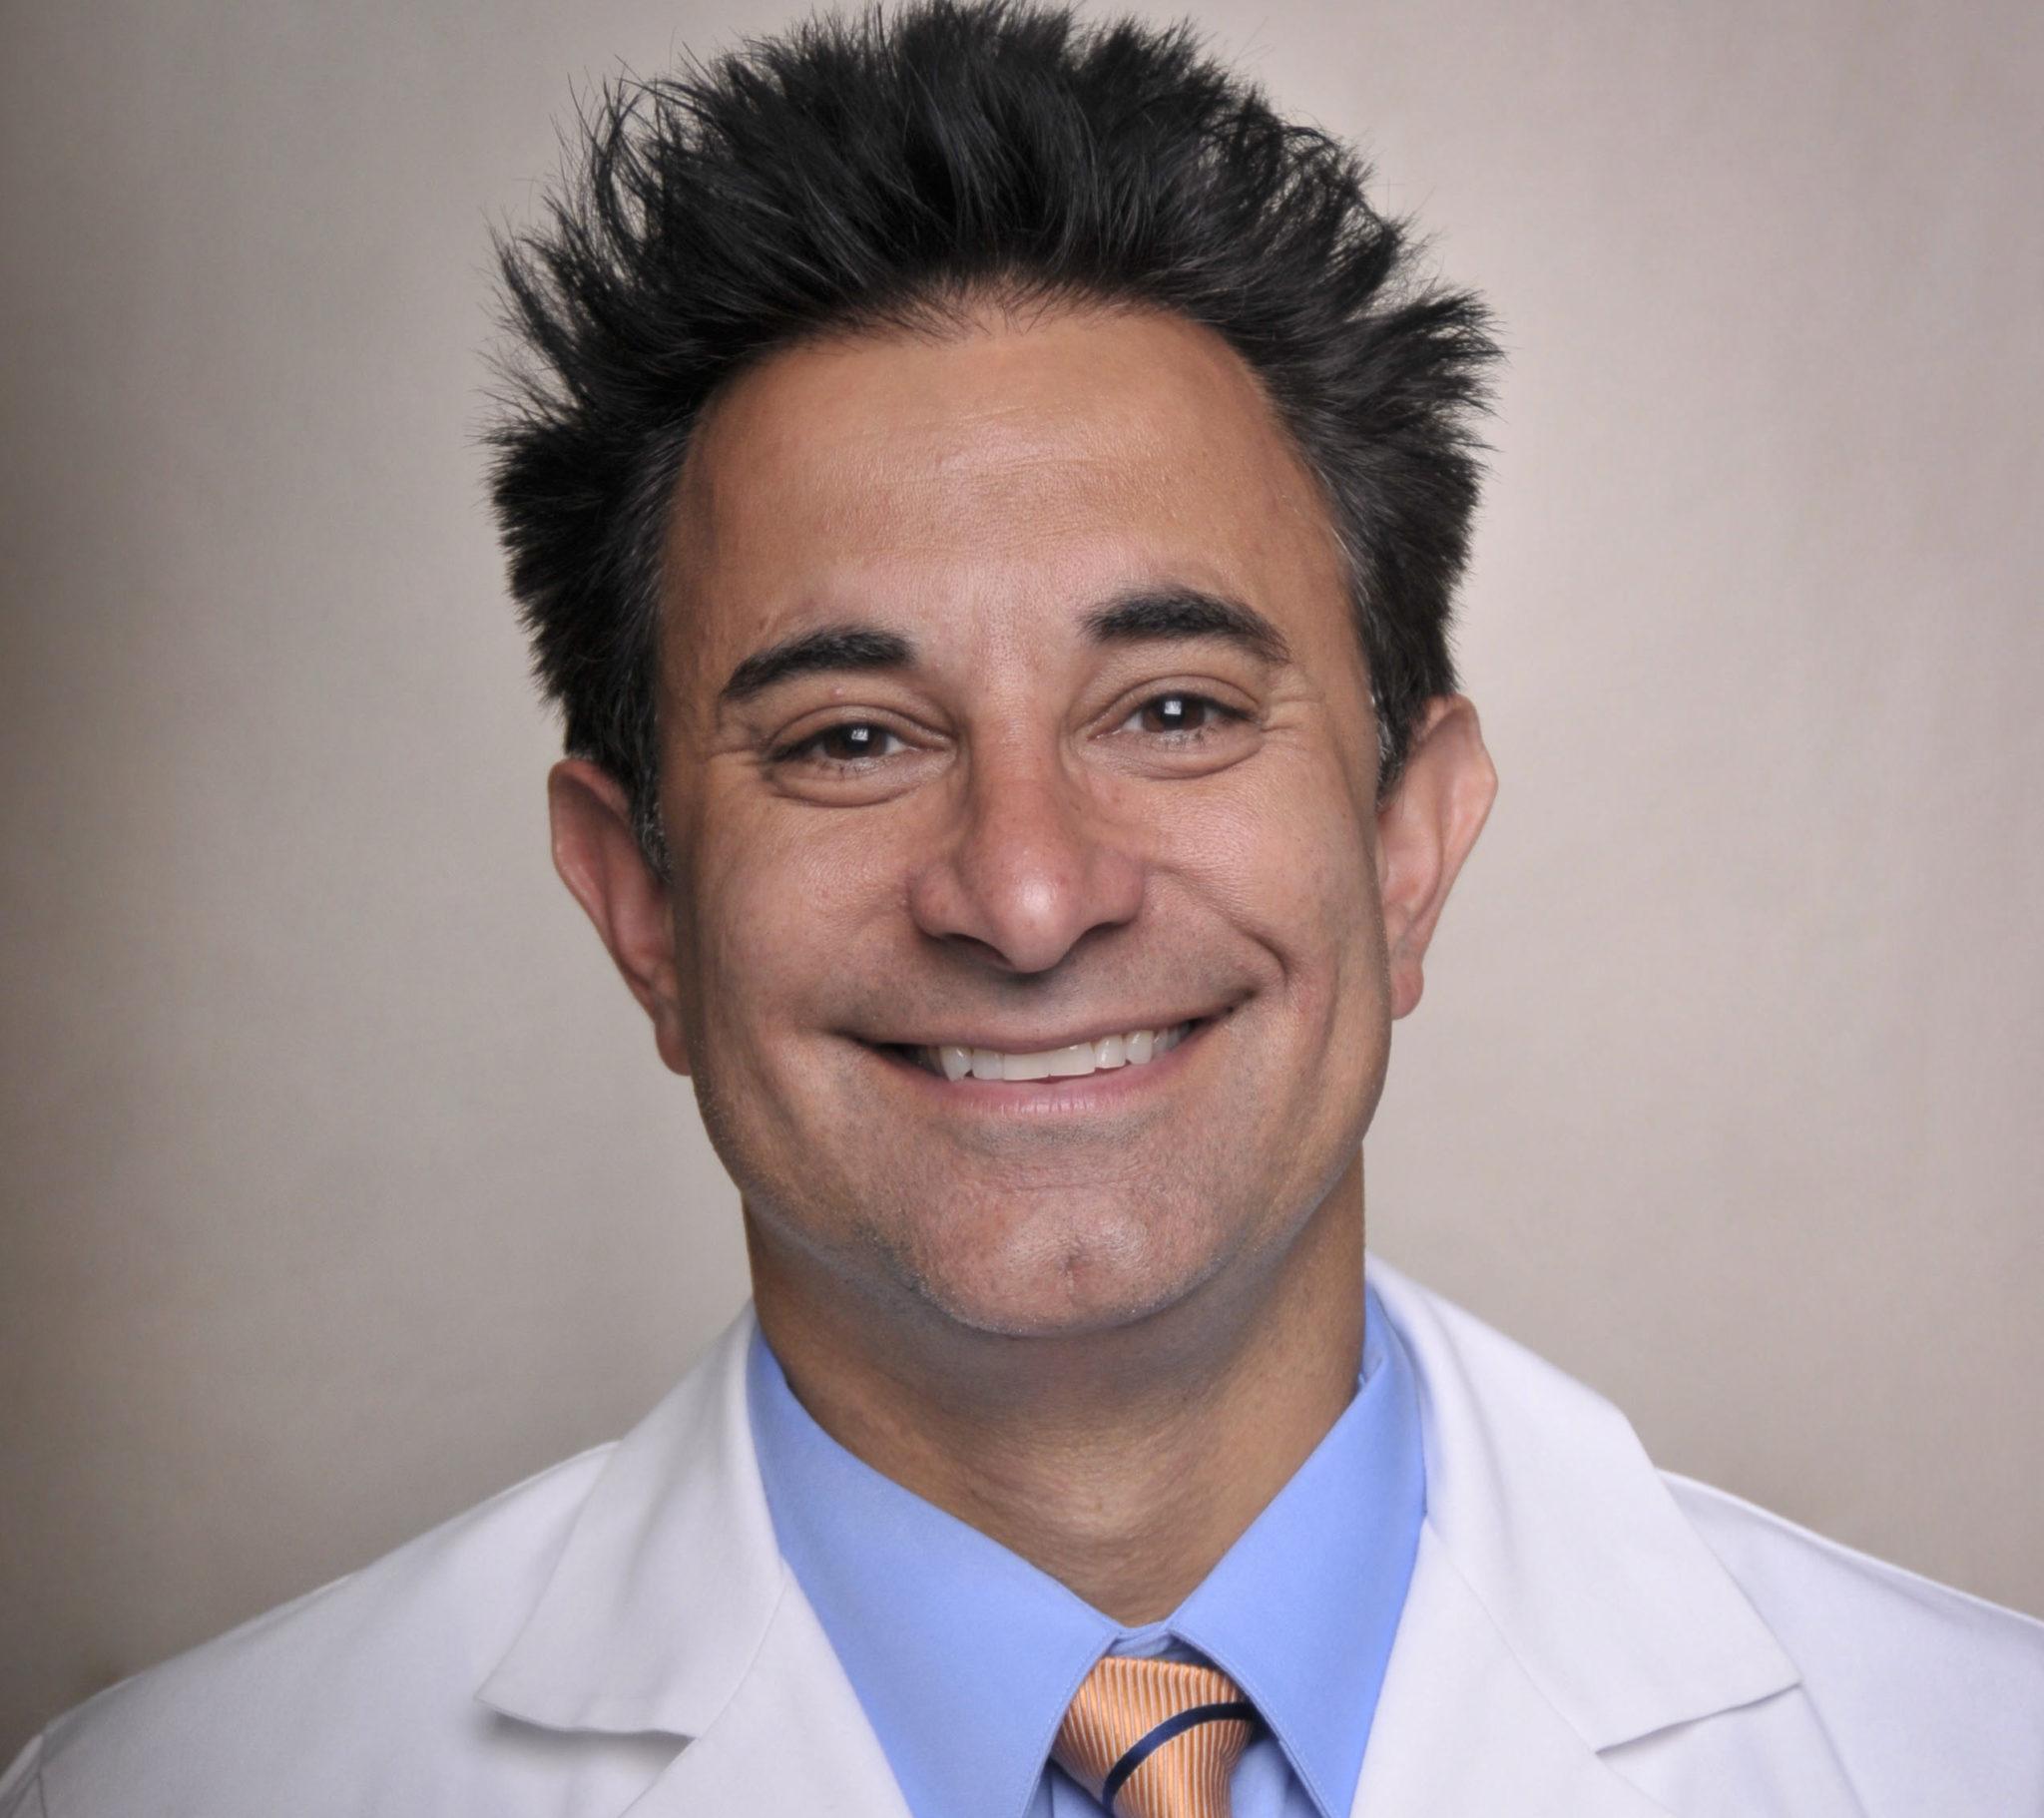 Dr. Richard Petrilli